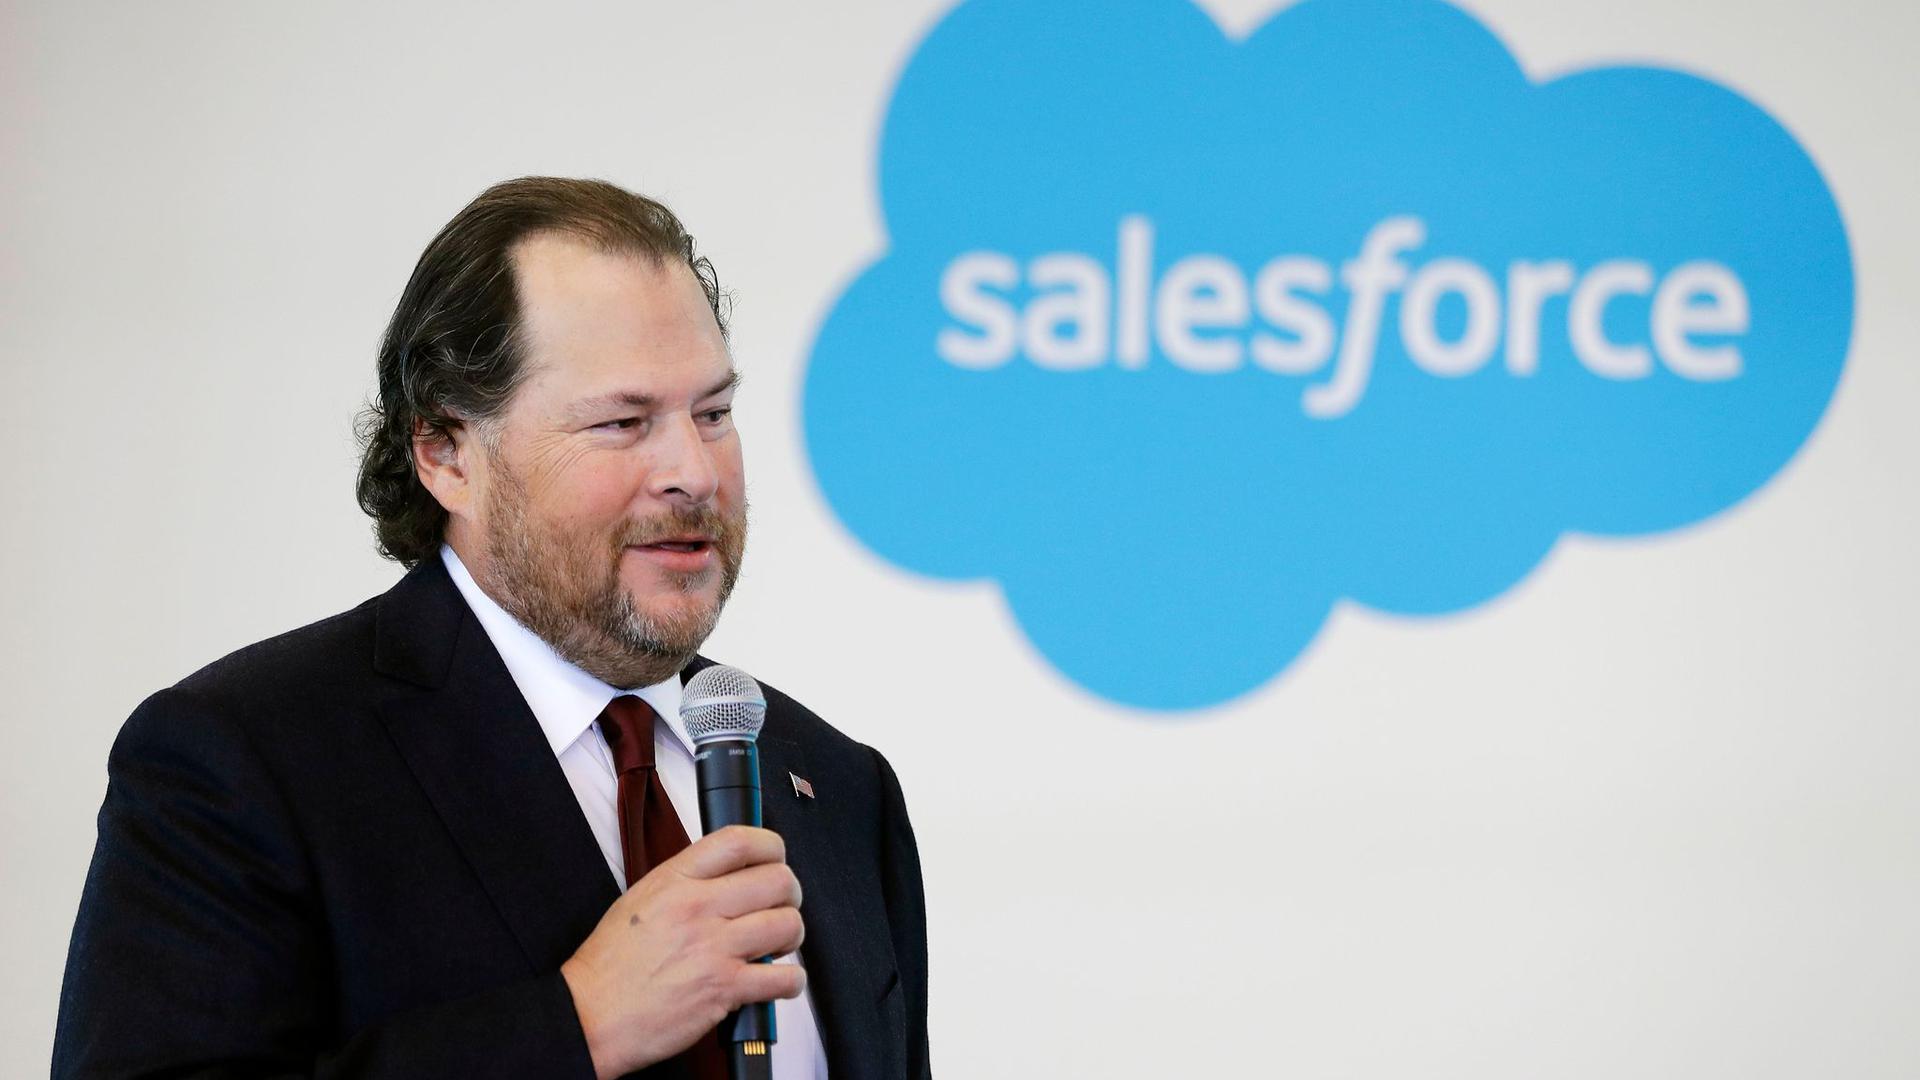 Marc Benioff, Gründer und Chef von Salesforce, spricht auf einer Pressekonferenz.